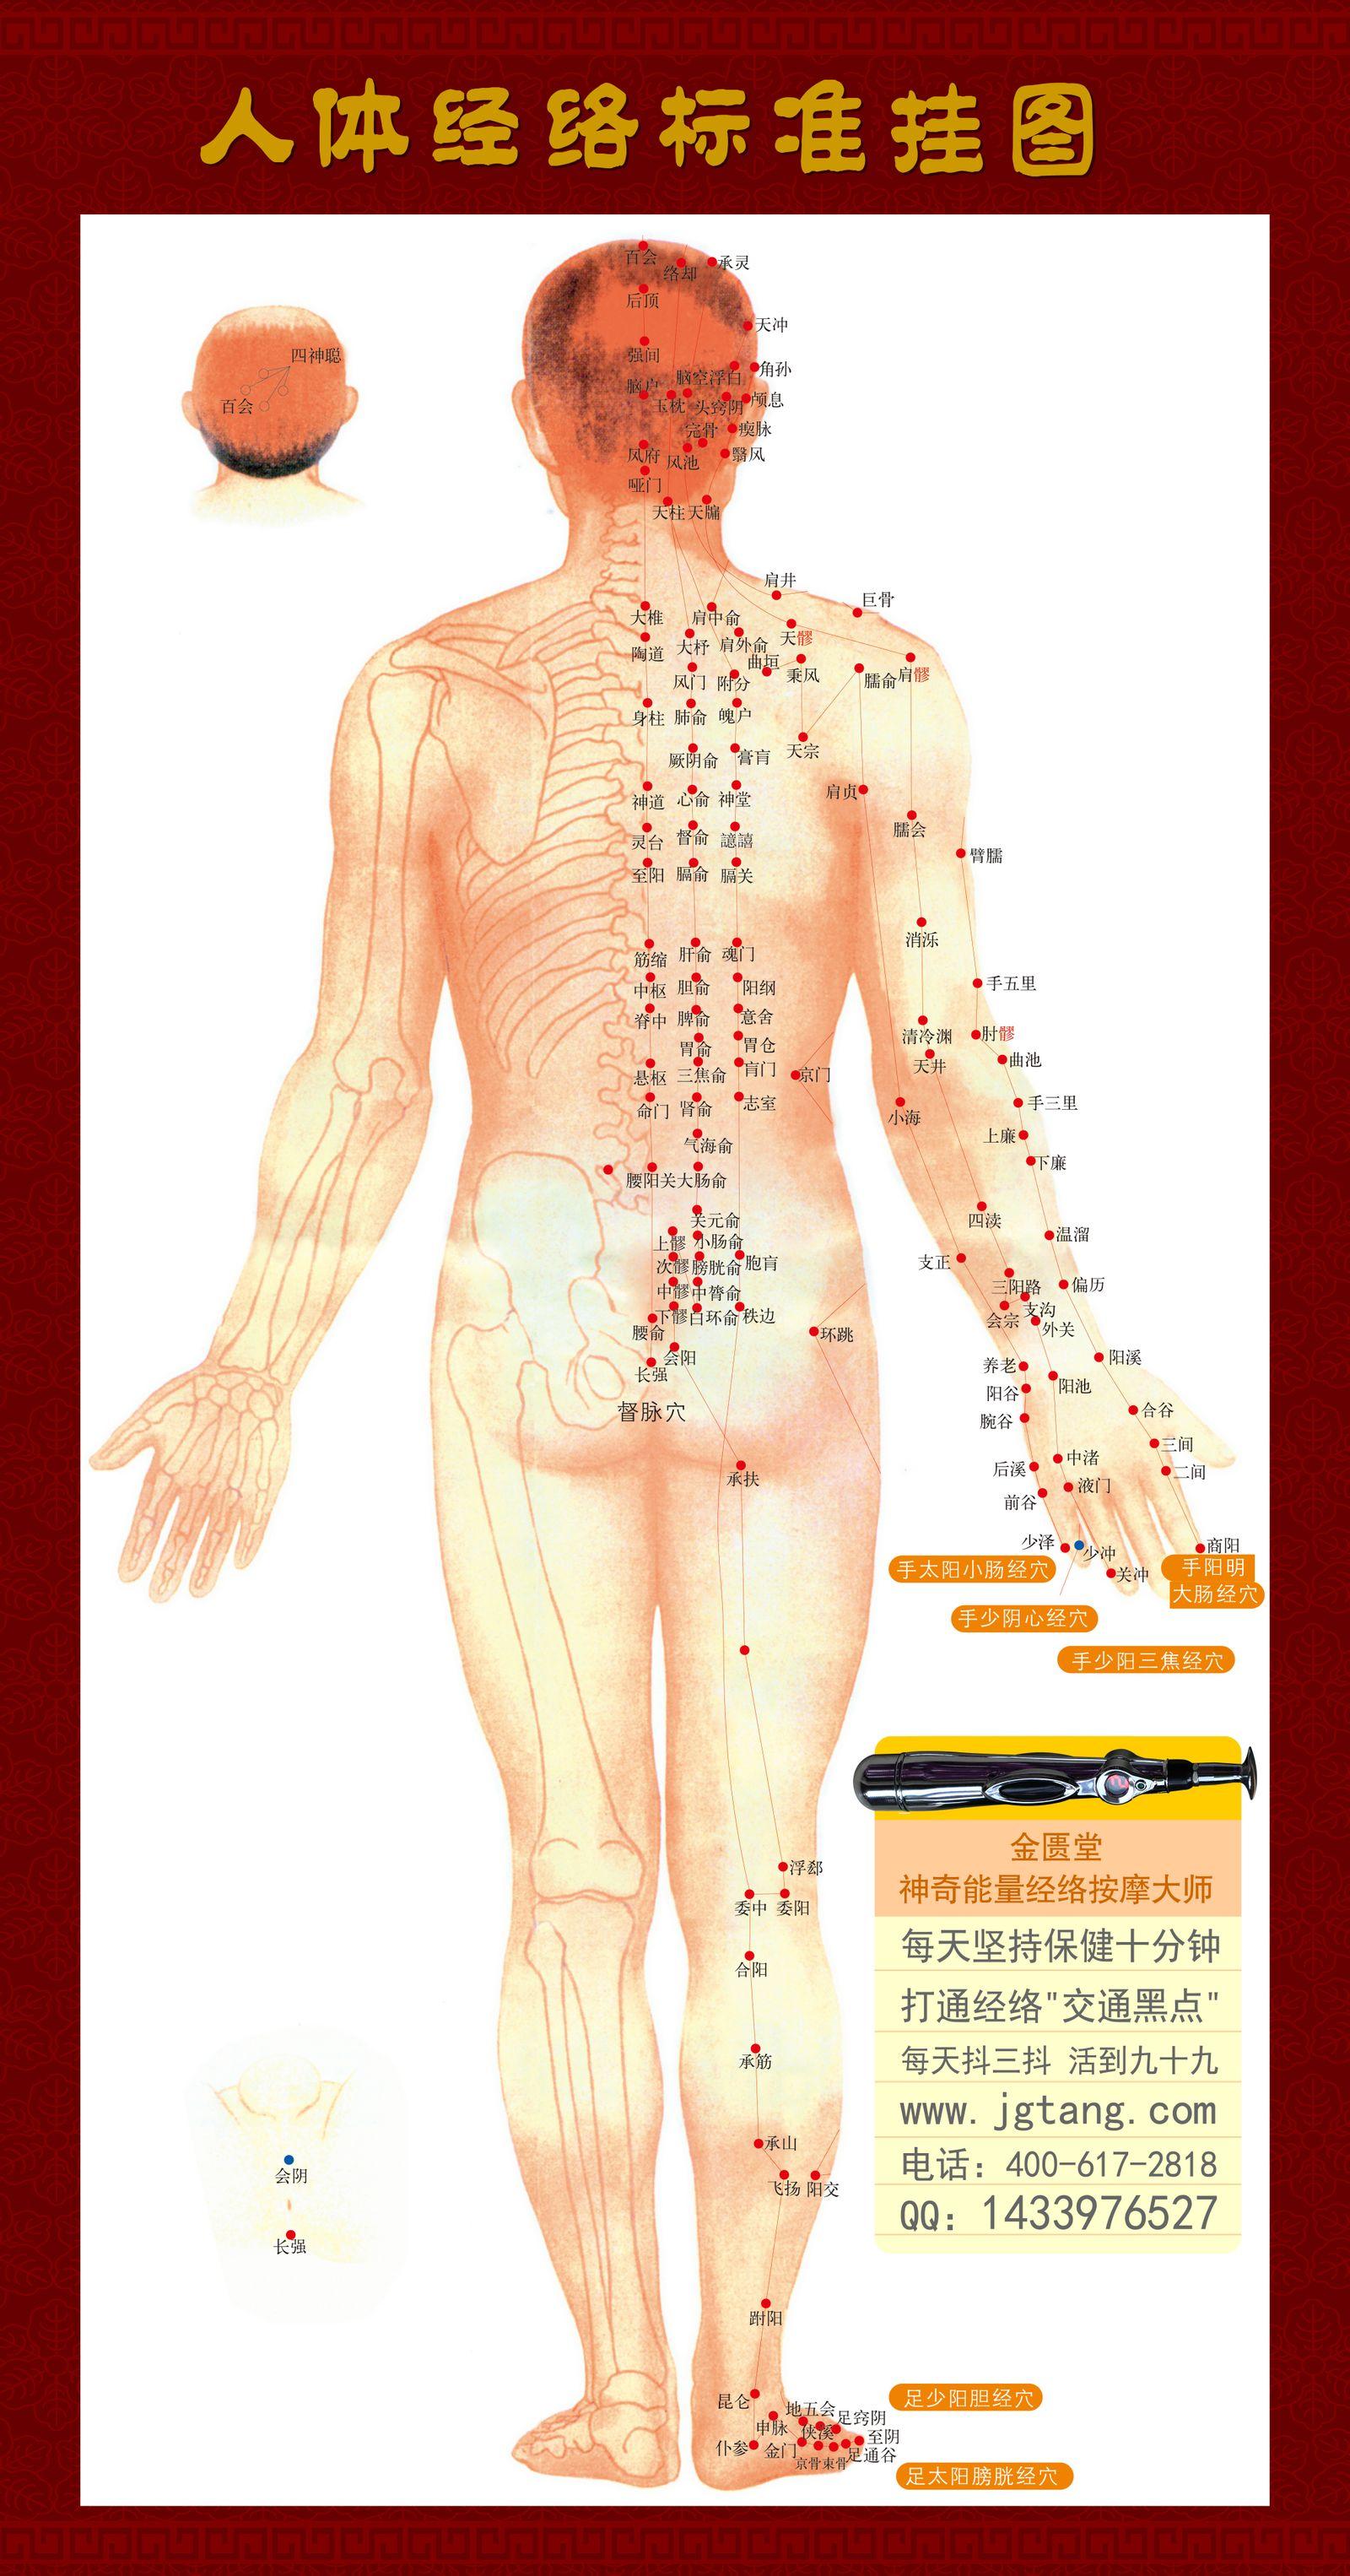 人体12经络图解 经络图解大图 人体12条经络图解